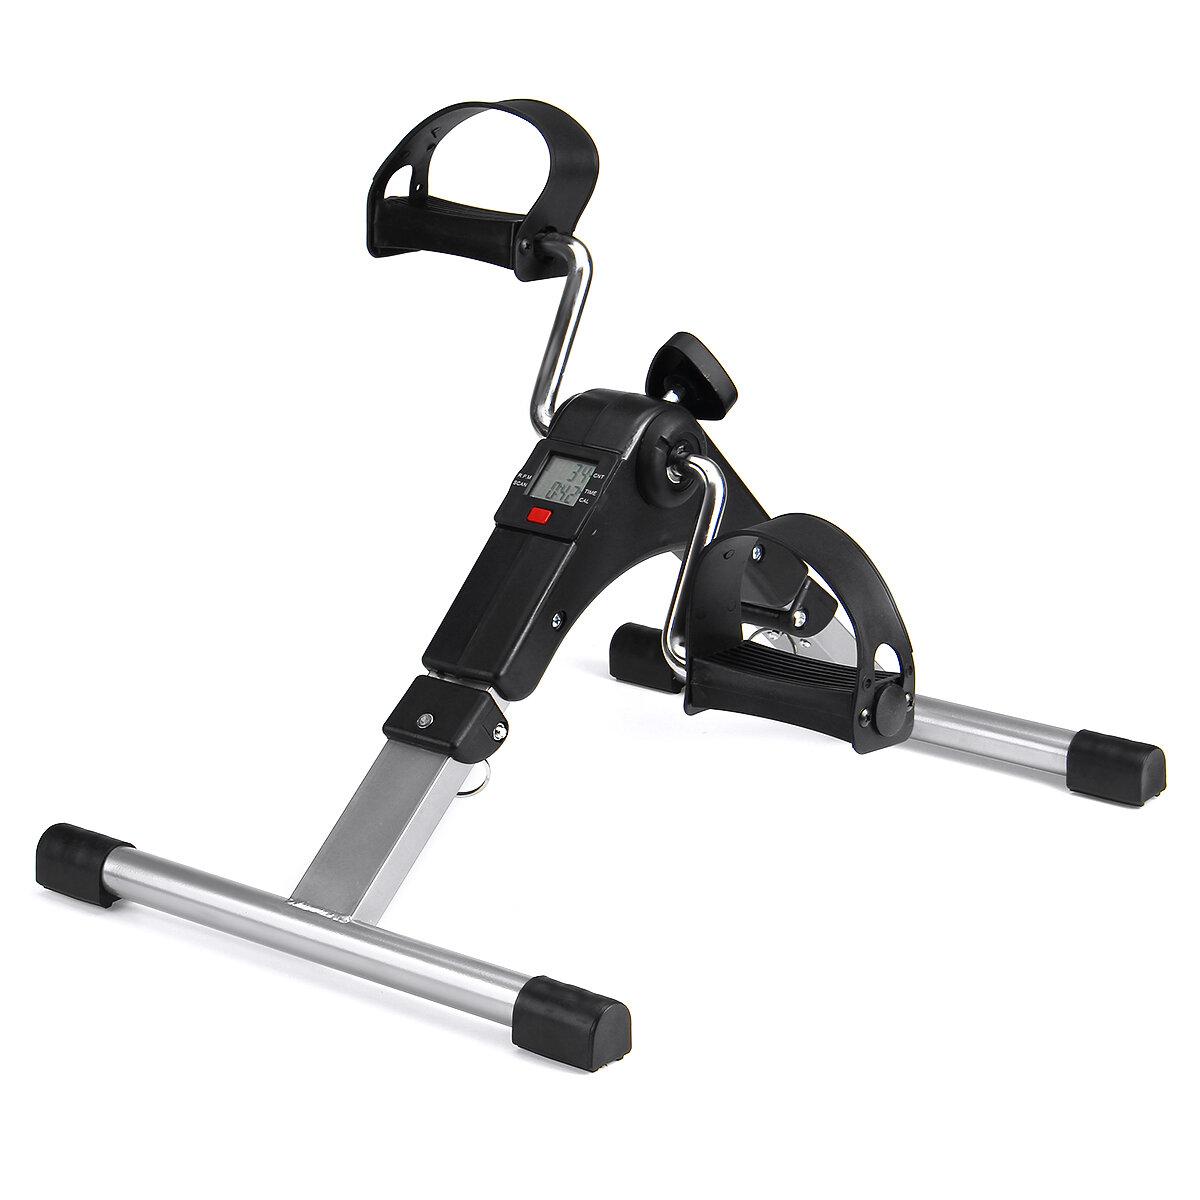 Ευρωπαϊκή αποθήκη   Mini Exercise Fitness Bike Tools Leg Beauty Trainer Old Man Limb Leg Hand Training Equipment